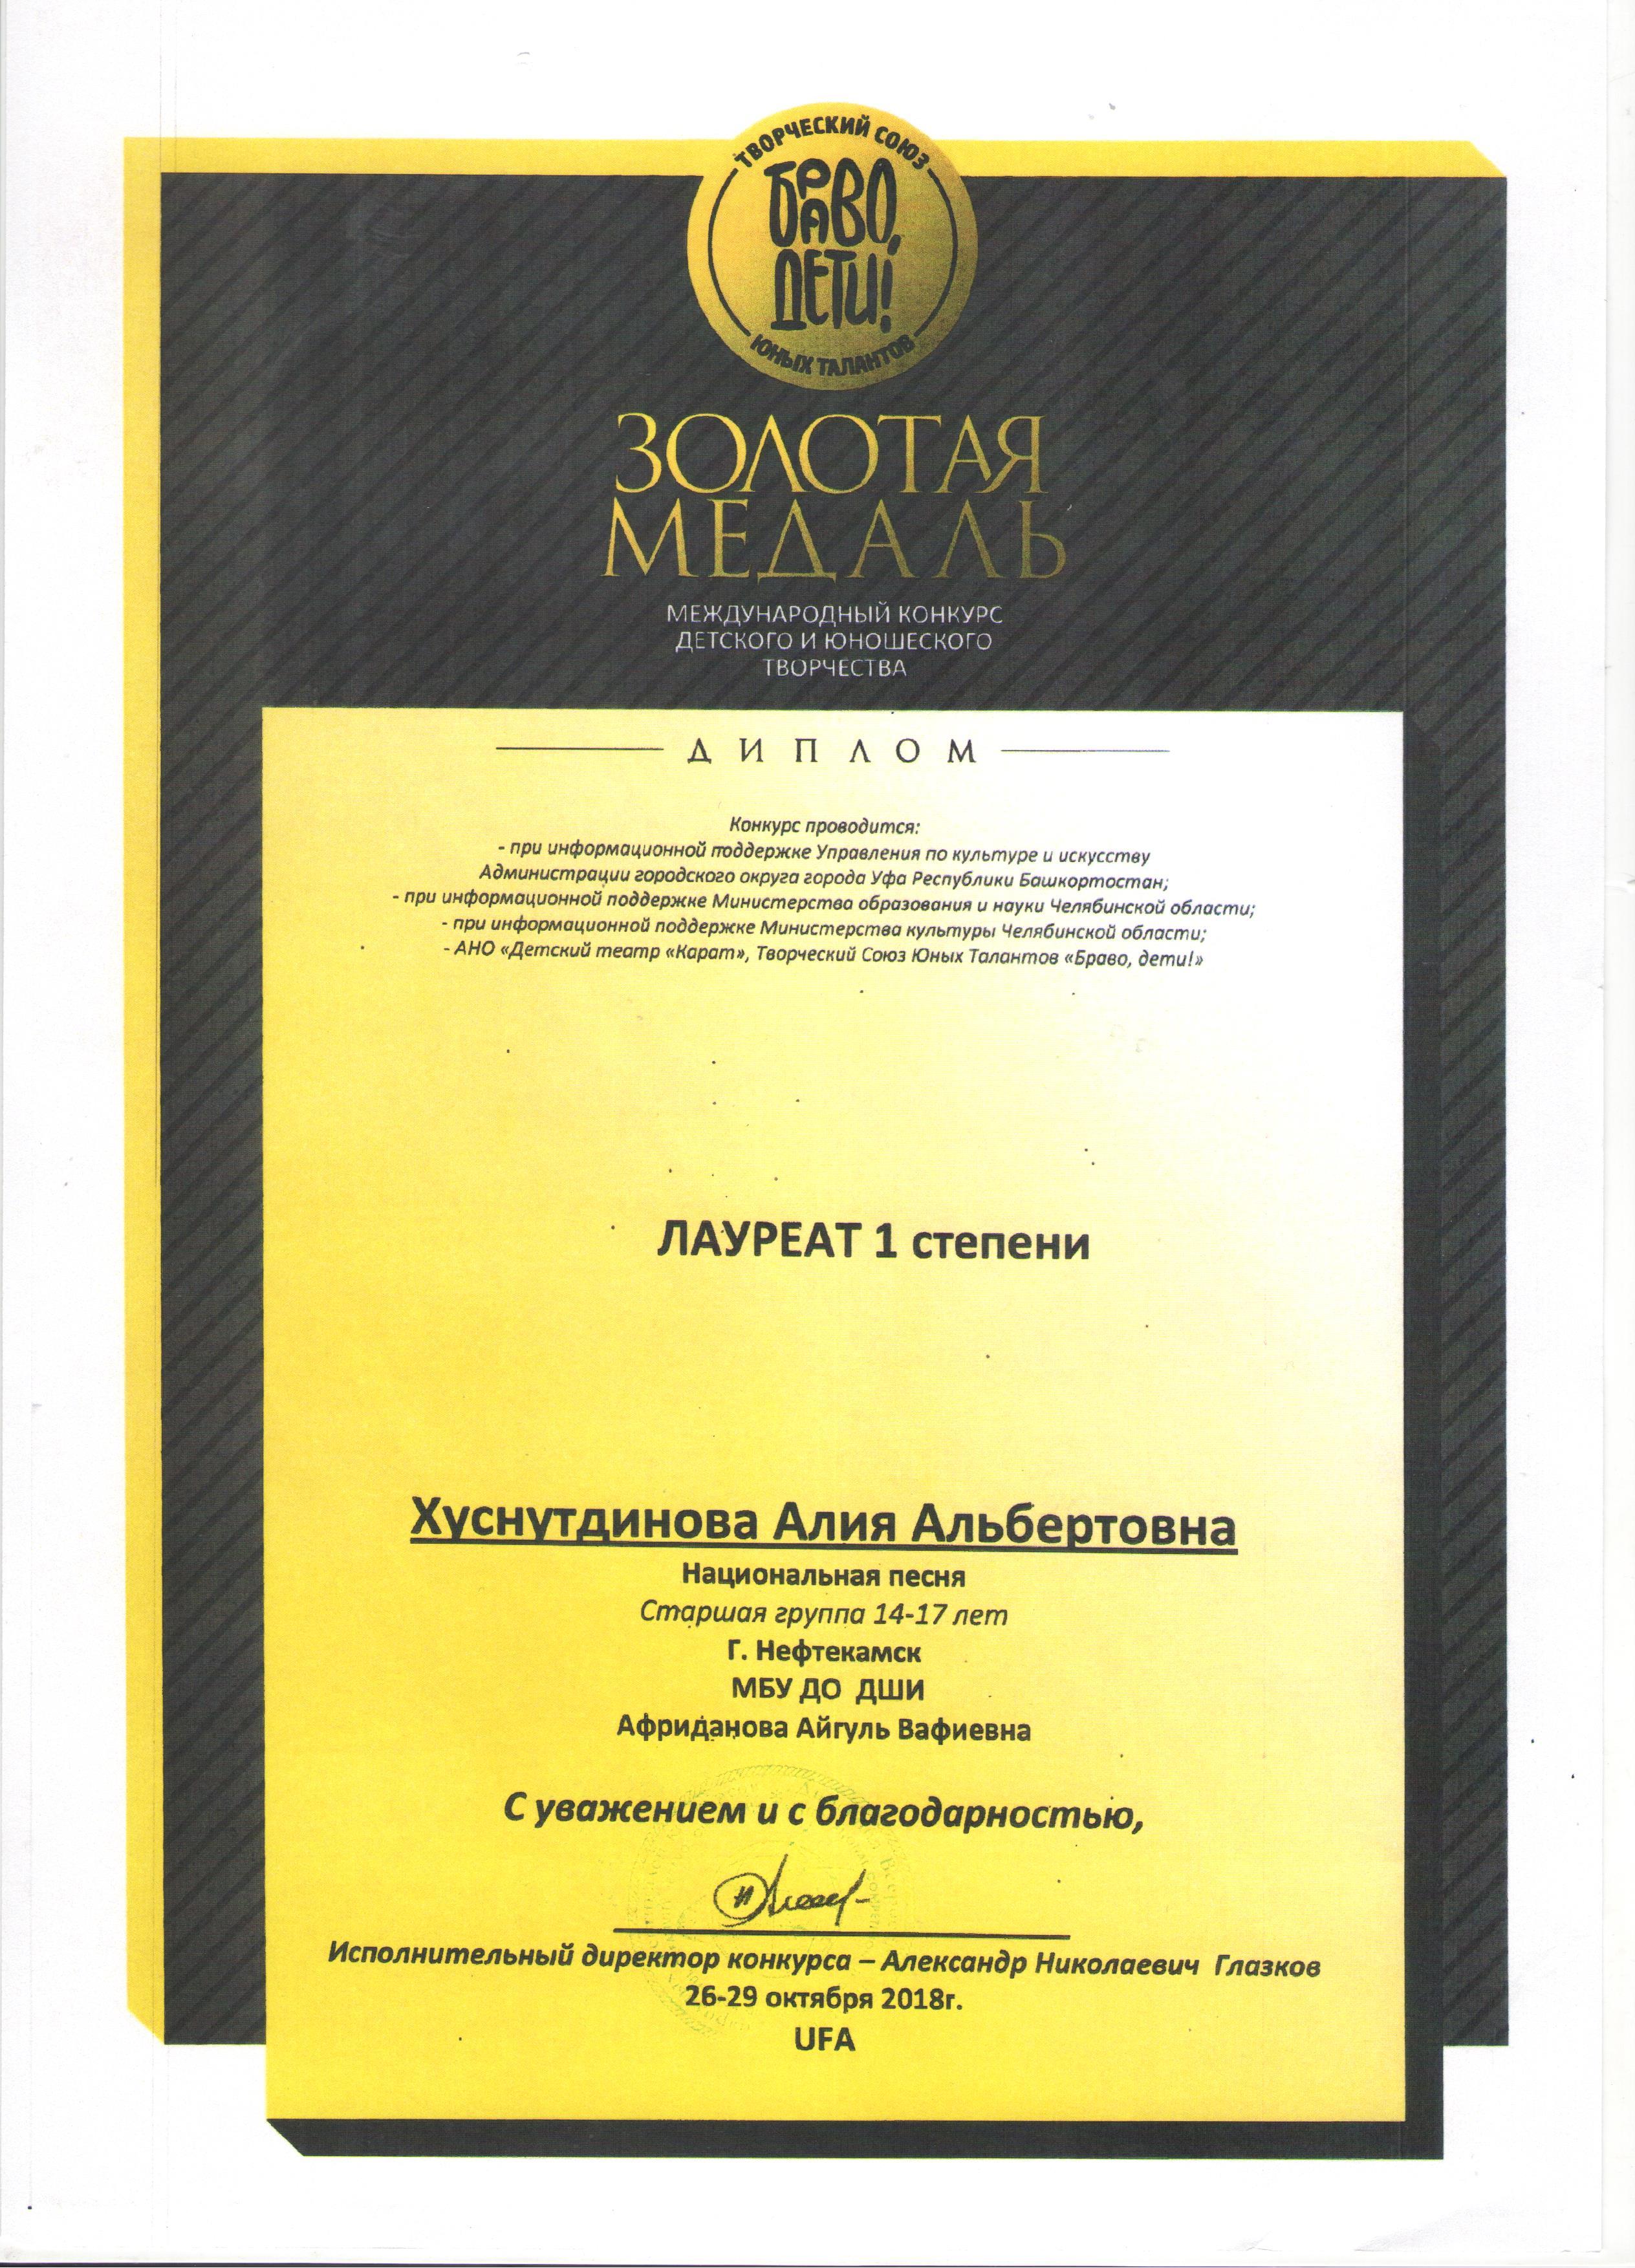 золотая медаль уфа Хуснутдинова Алия 201